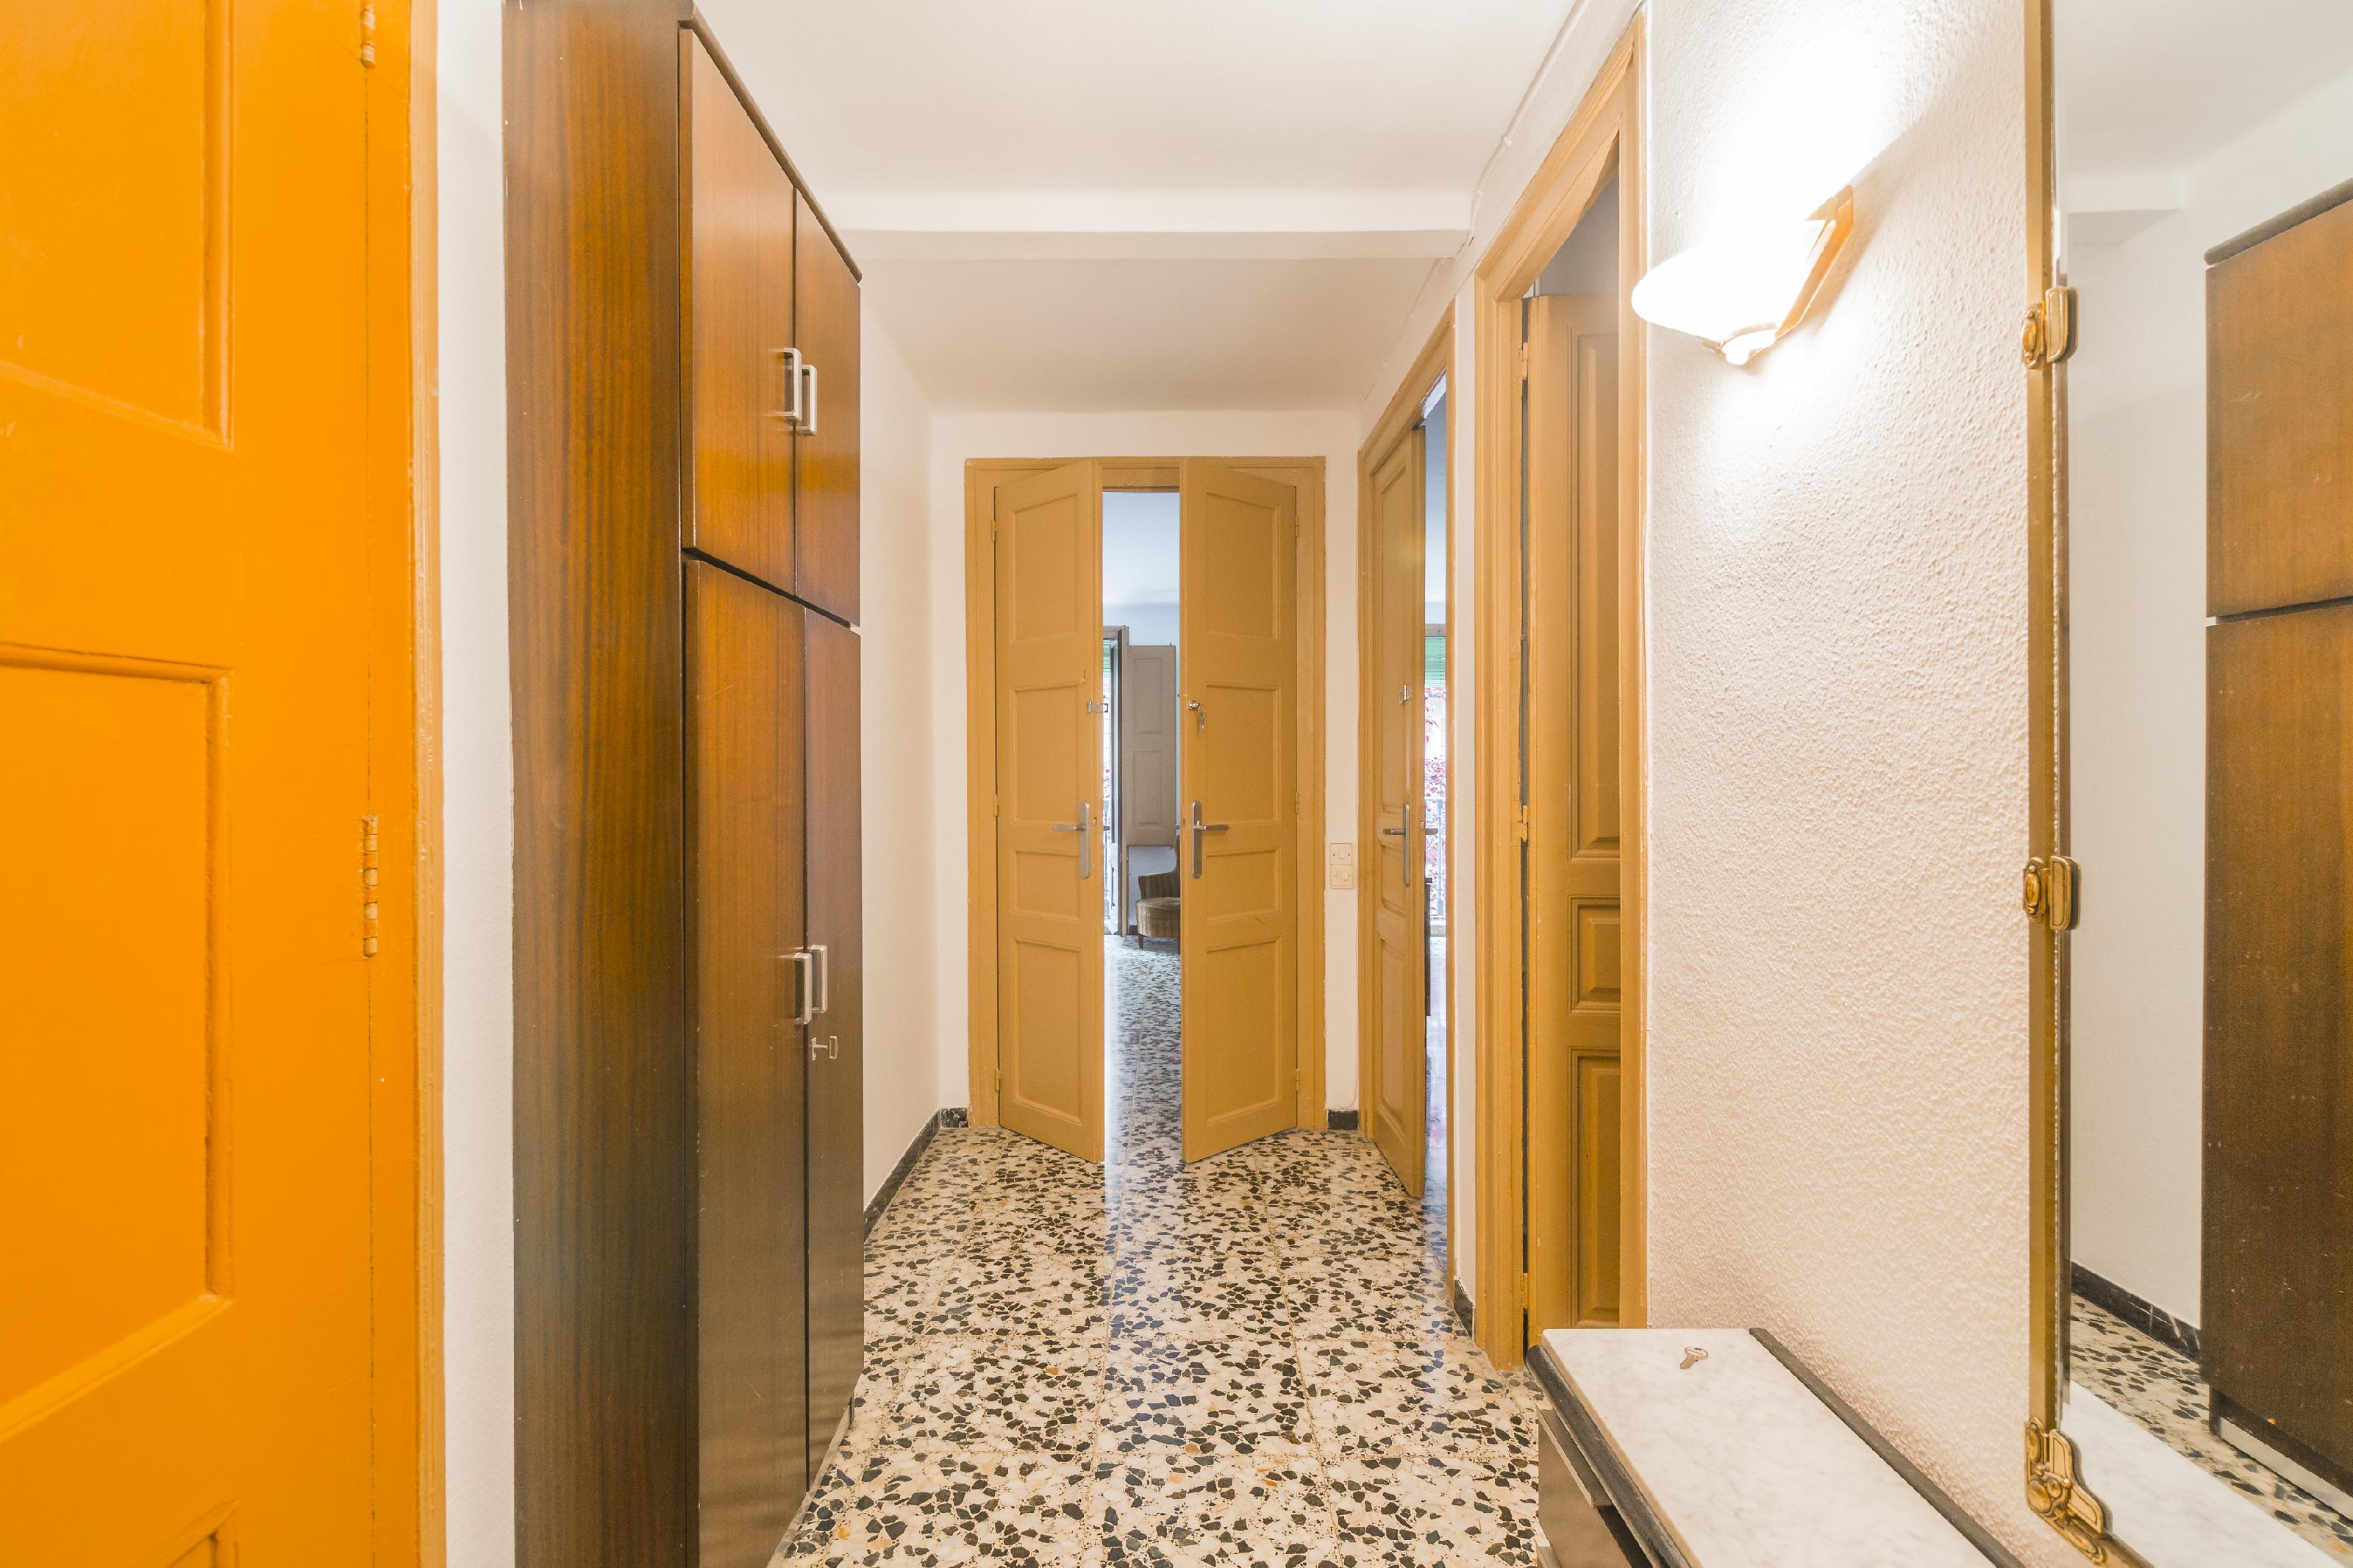 249648 Piso en venda en Ciutat Vella, El Raval 16